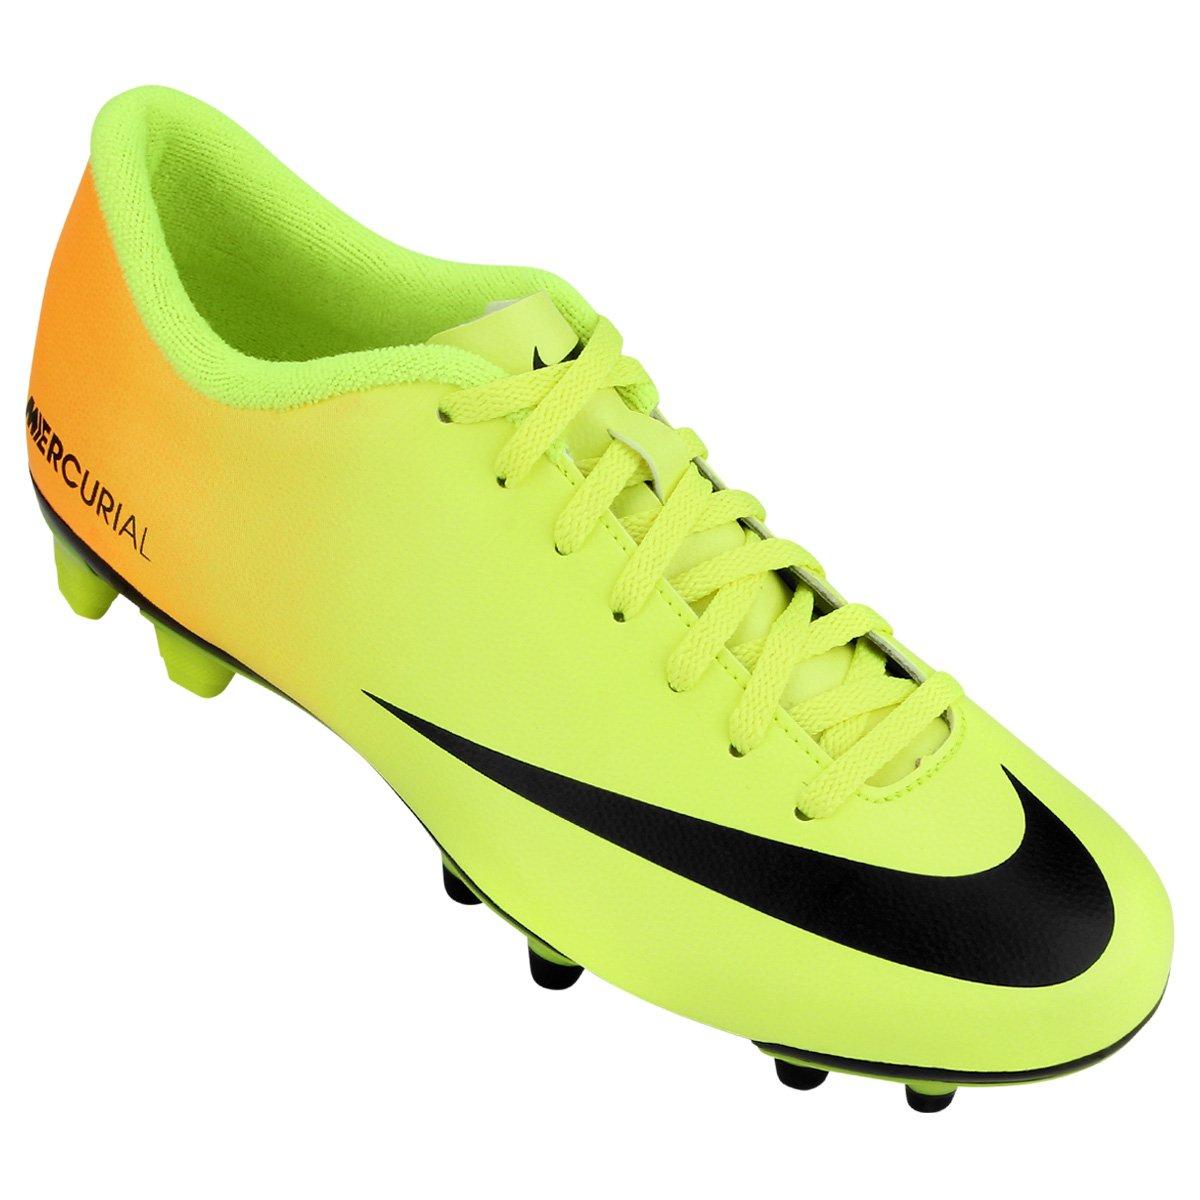 20b60966ab75b Chuteira Nike Mercurial Vortex FG | Netshoes